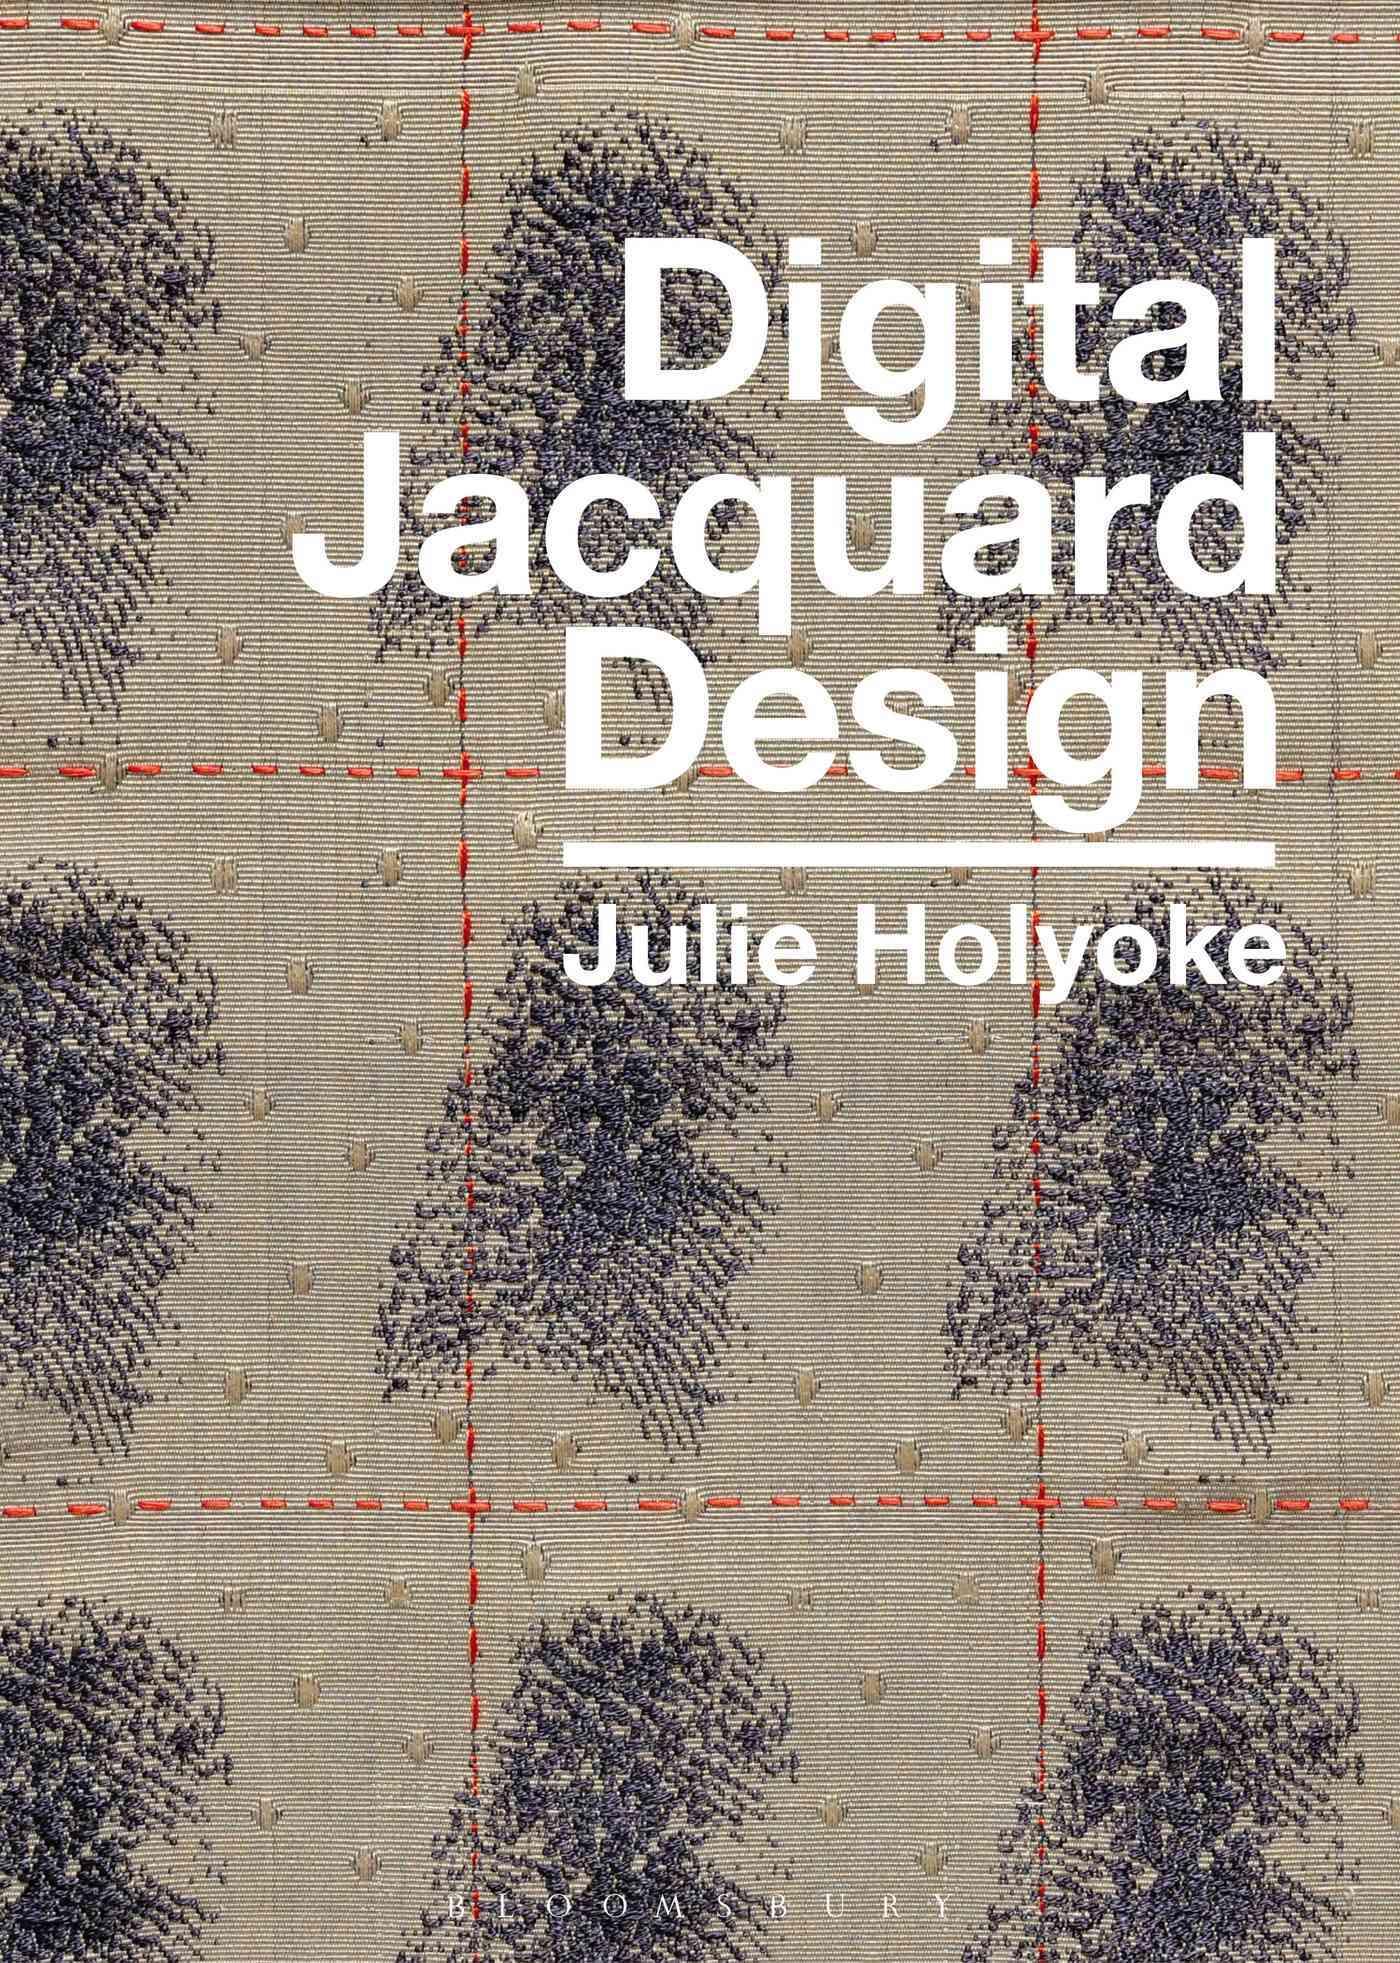 Digital Jacquard Design By Holyoke, Julie